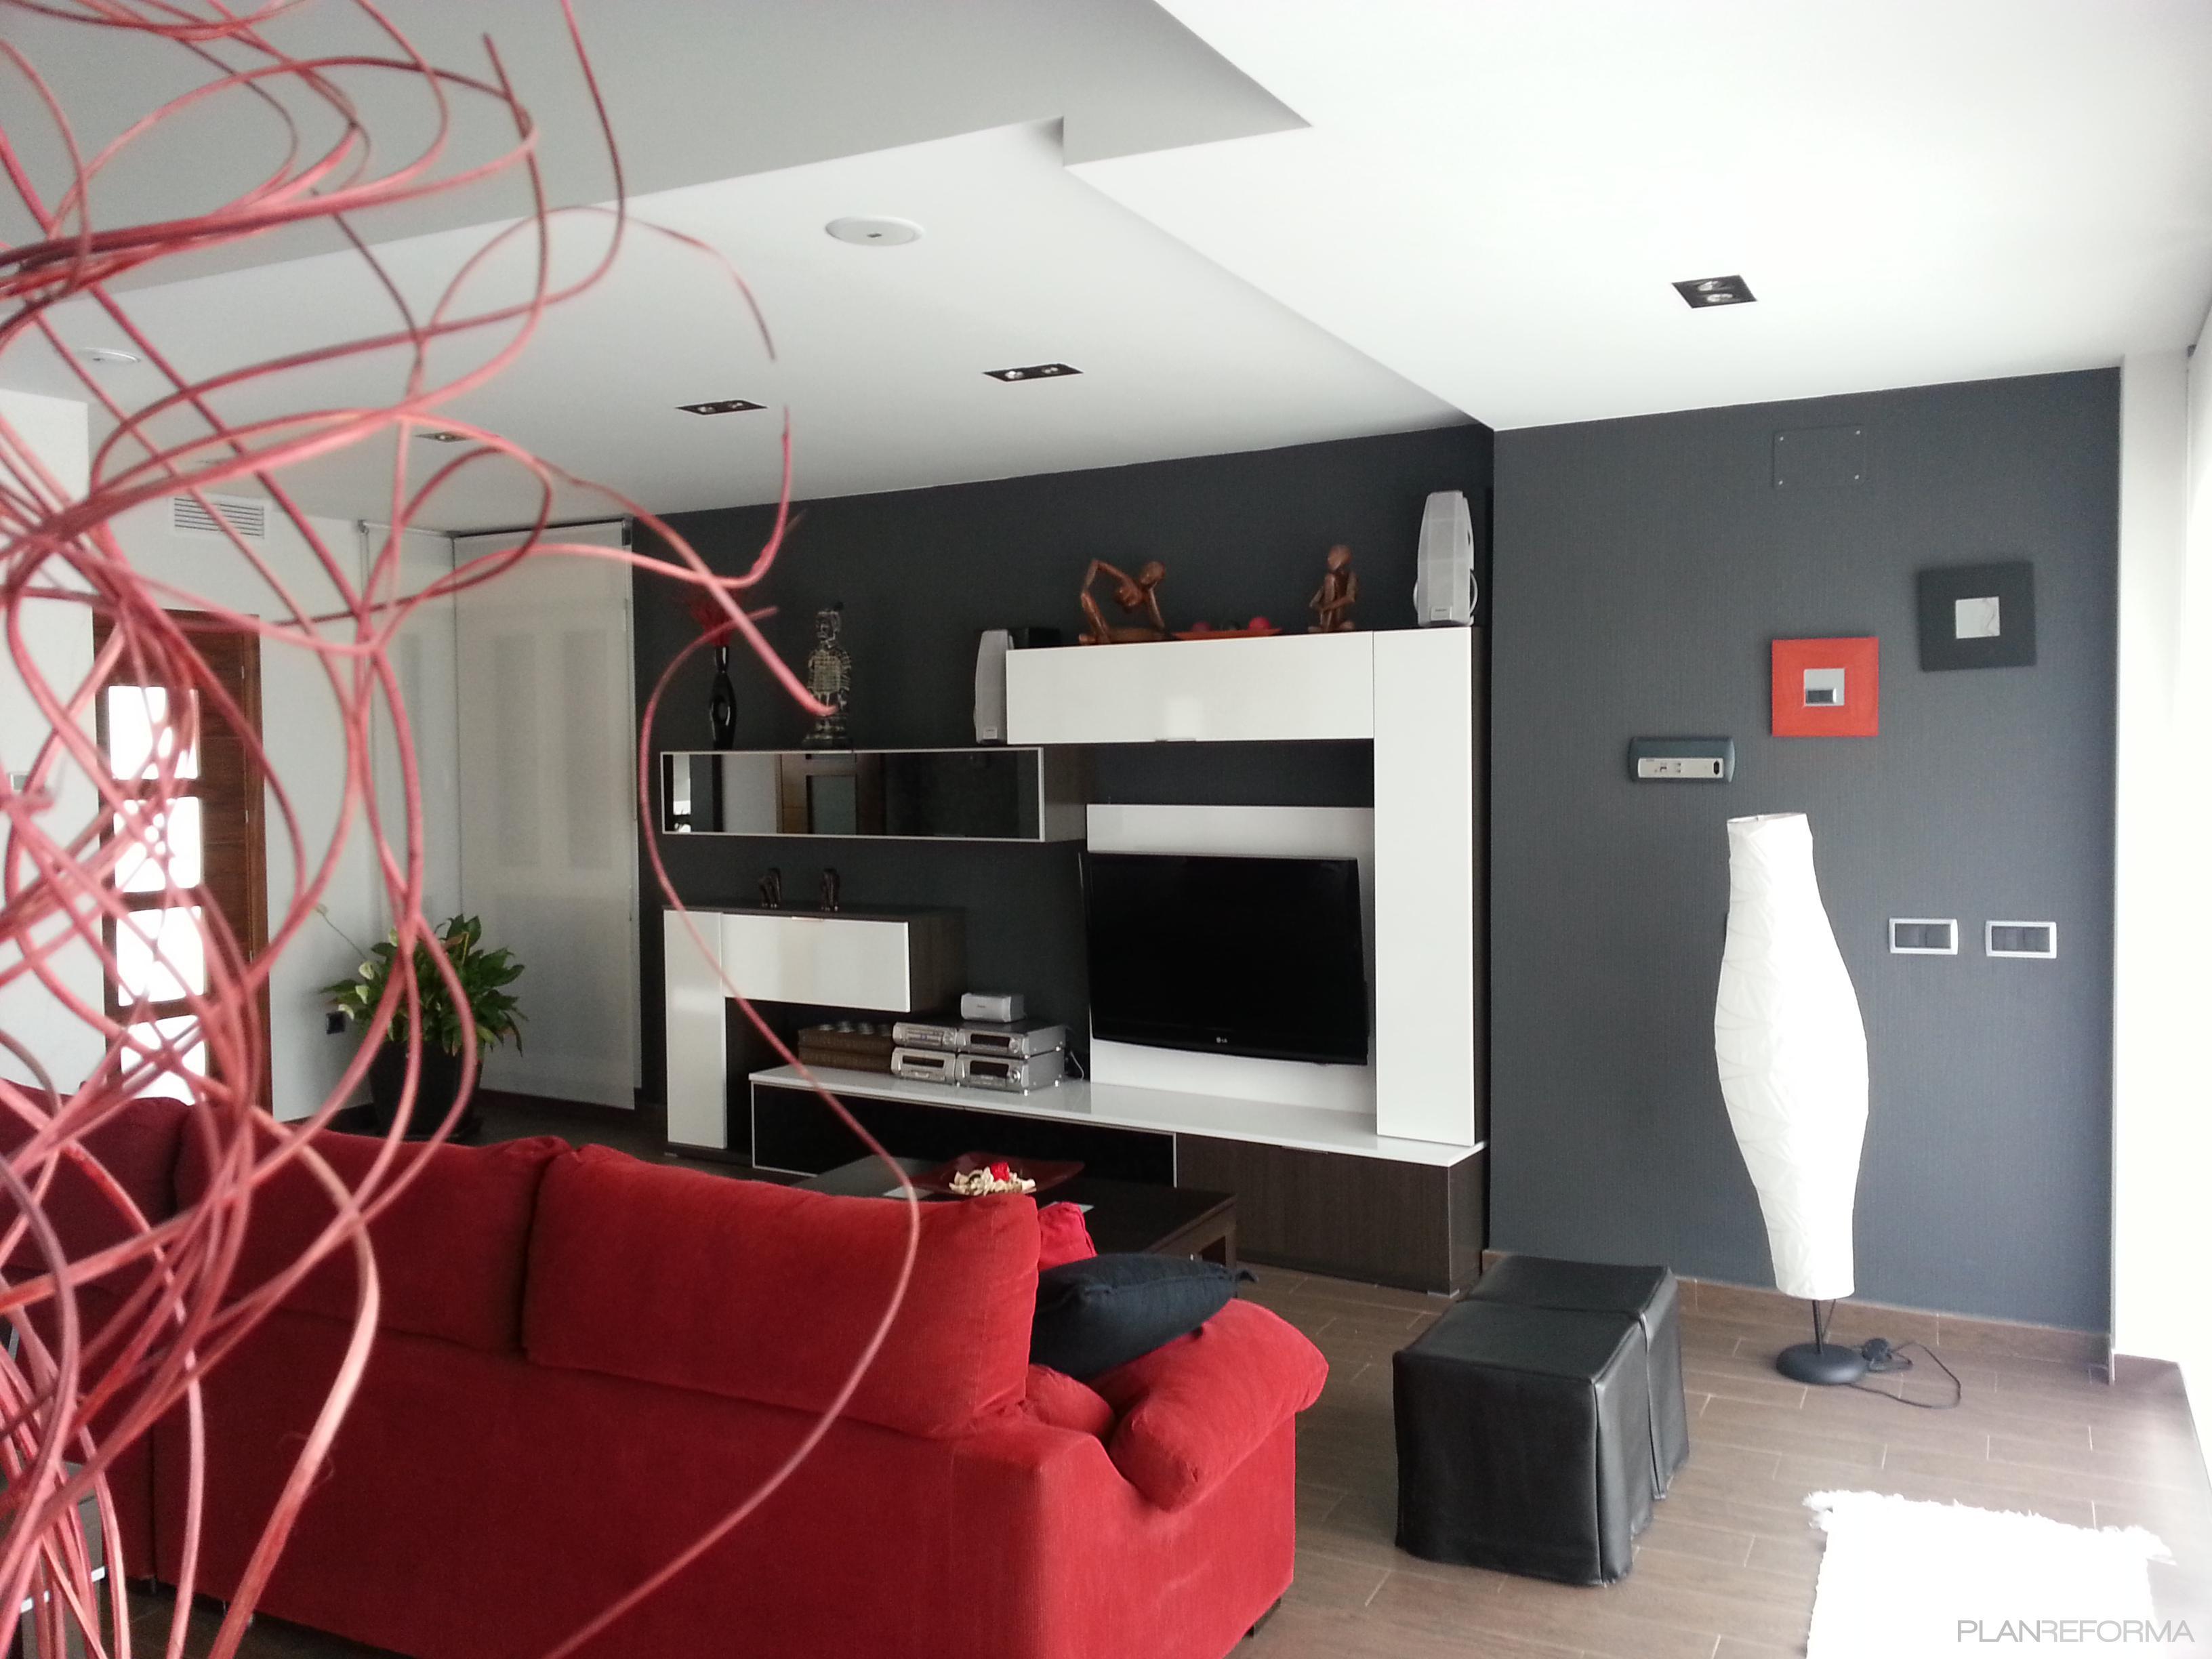 Salones en rojo y gris rosas y amarillos luminosos for Decoracion de salones en rojo gris y blanco